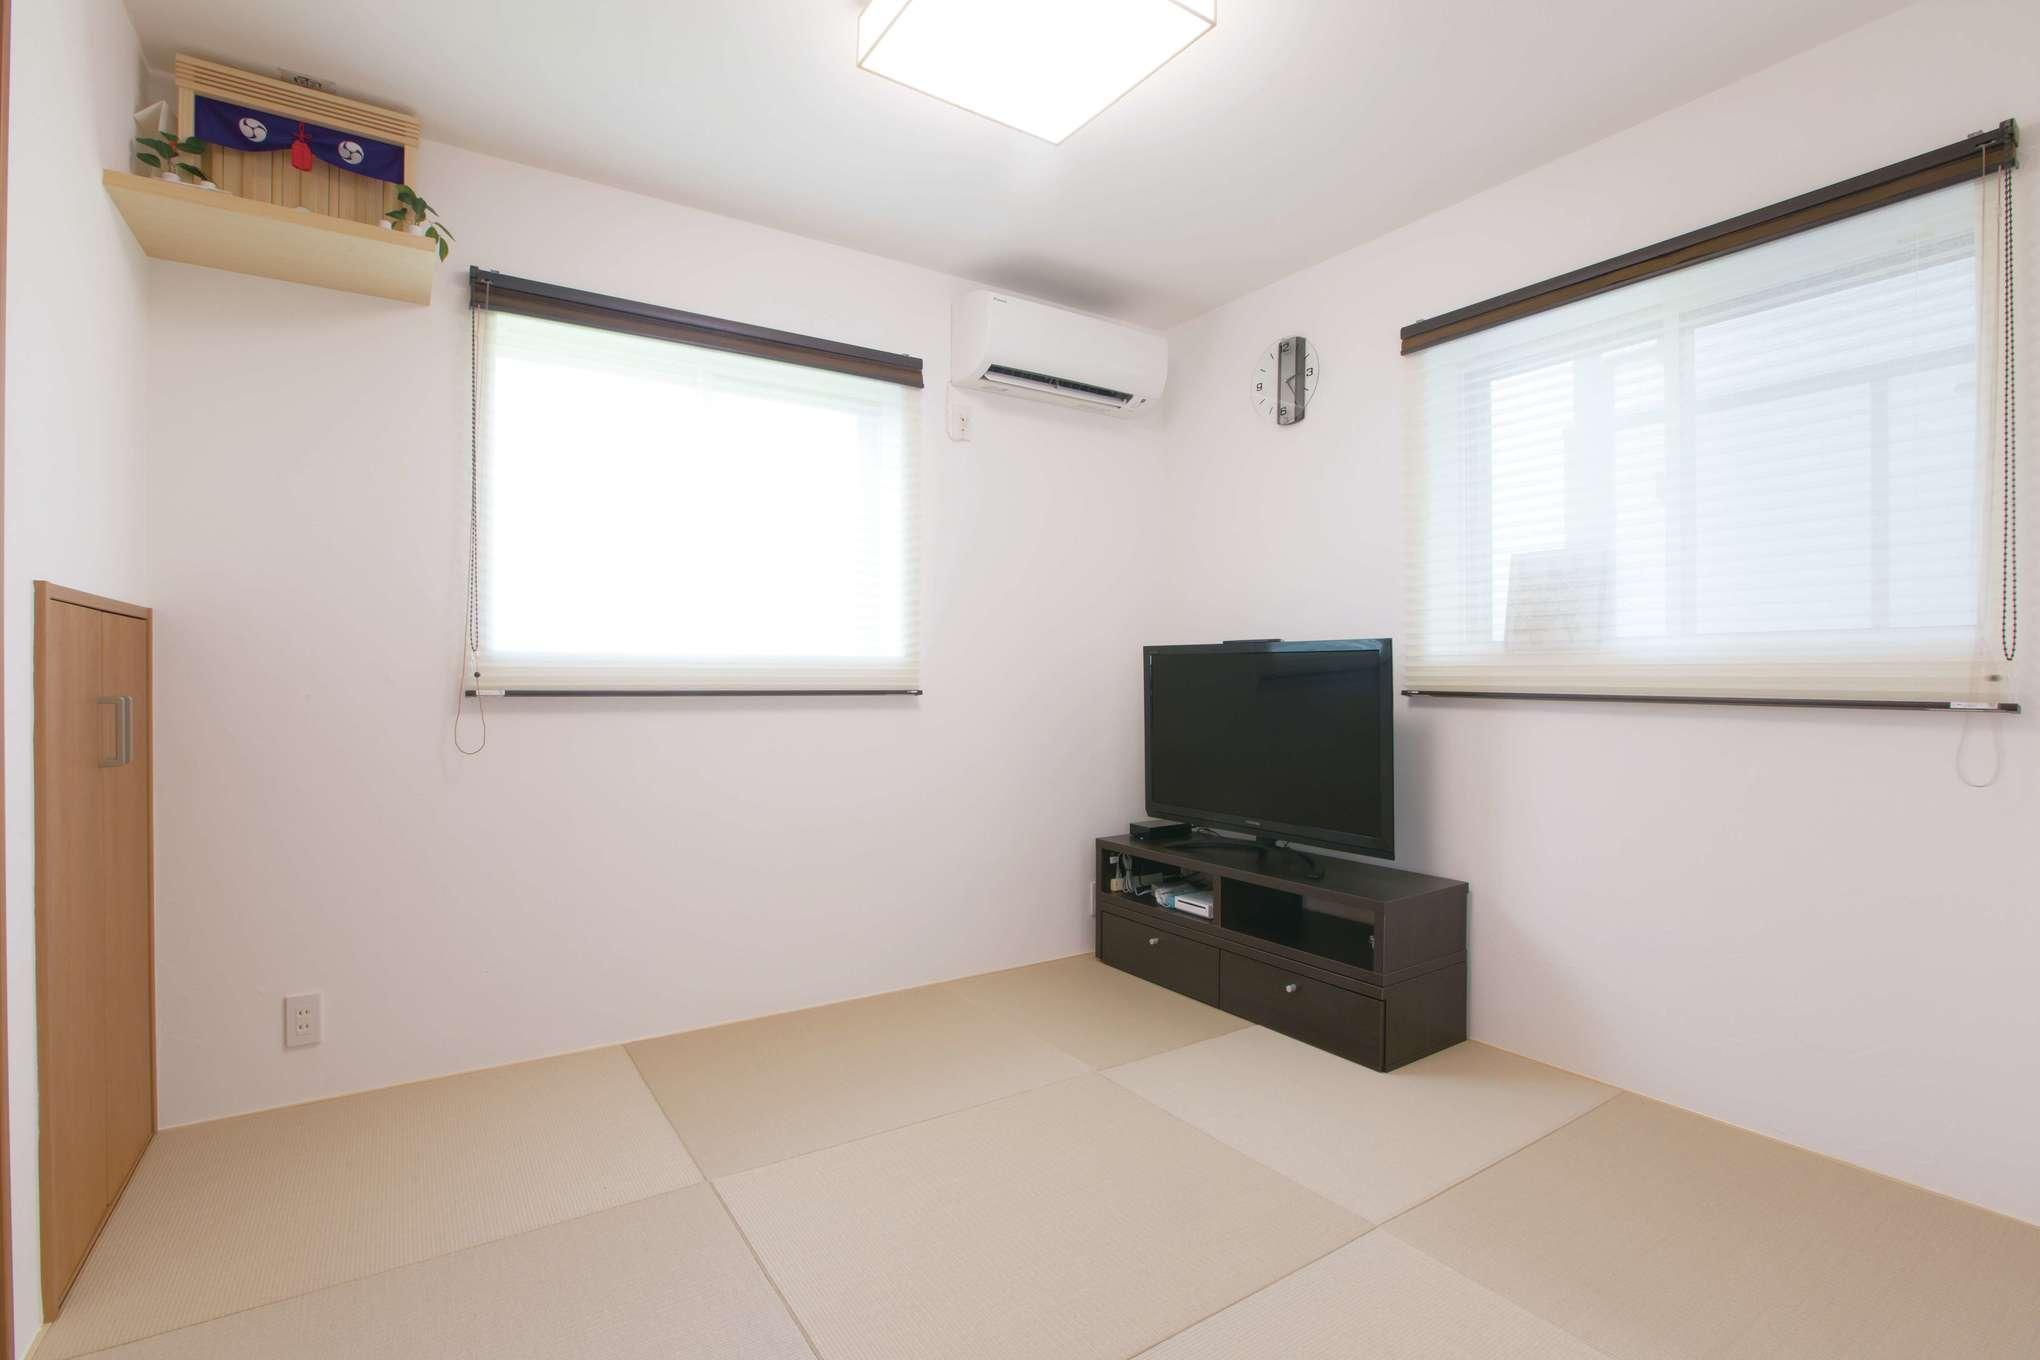 仲間を招く機会が多いため、LDKの隣に和室を確保。琉球畳を用いシンプルにデザイン